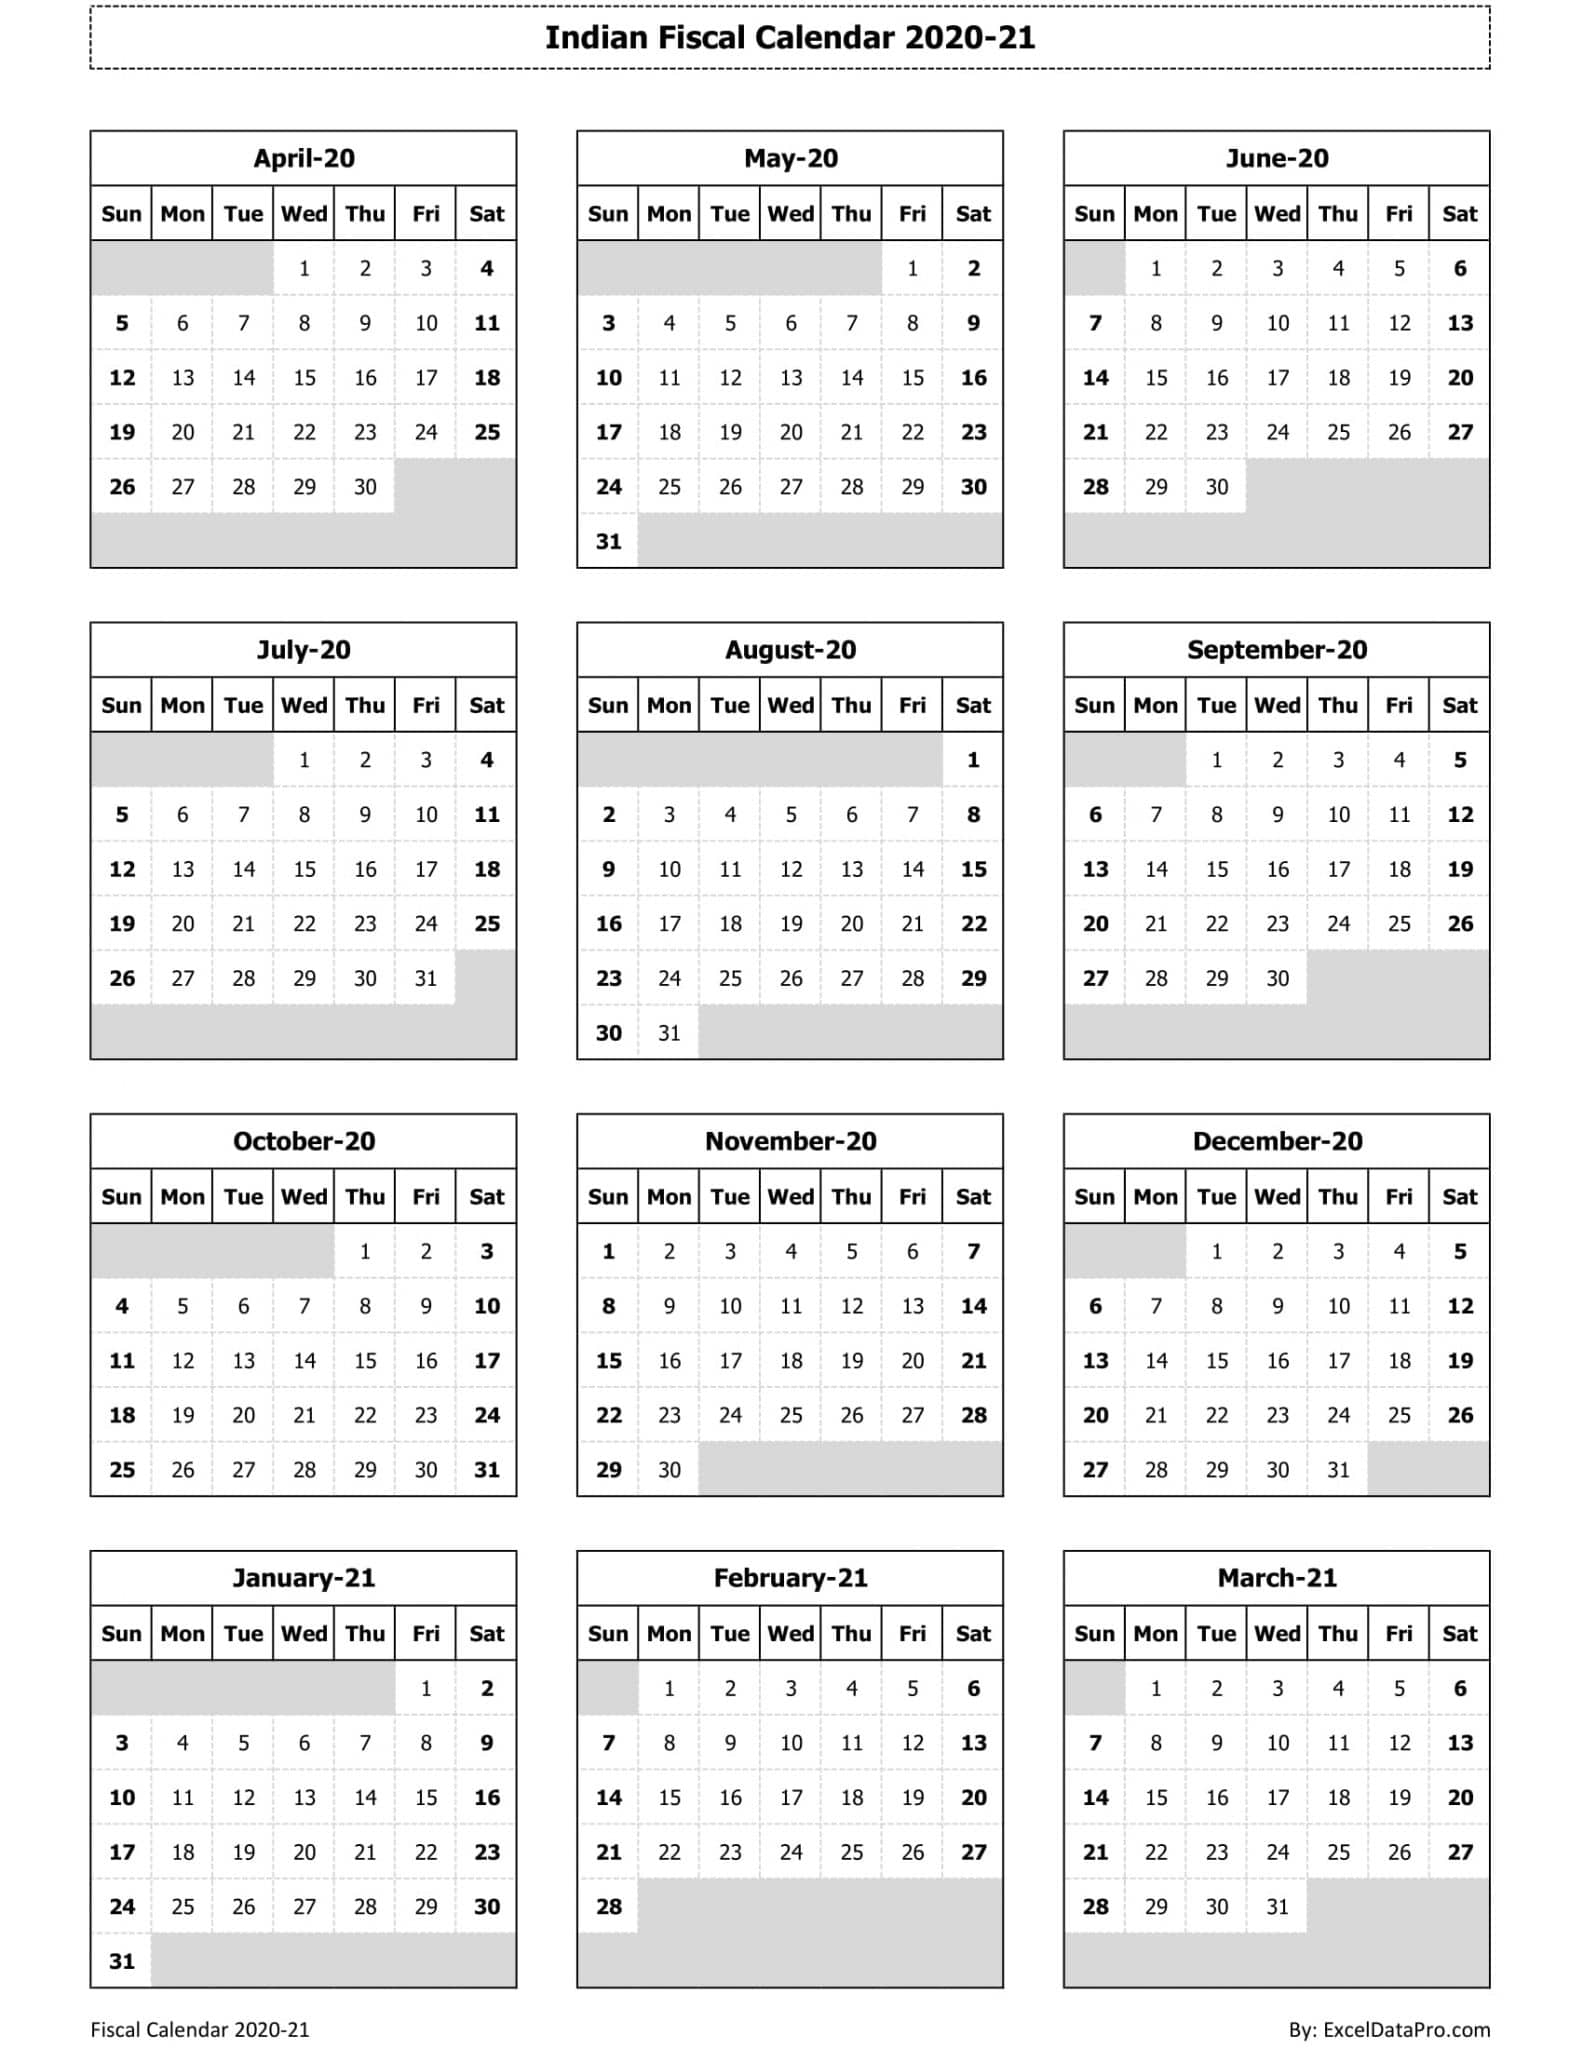 Indian Fiscal Calendar 2020-21 - Ink Saver